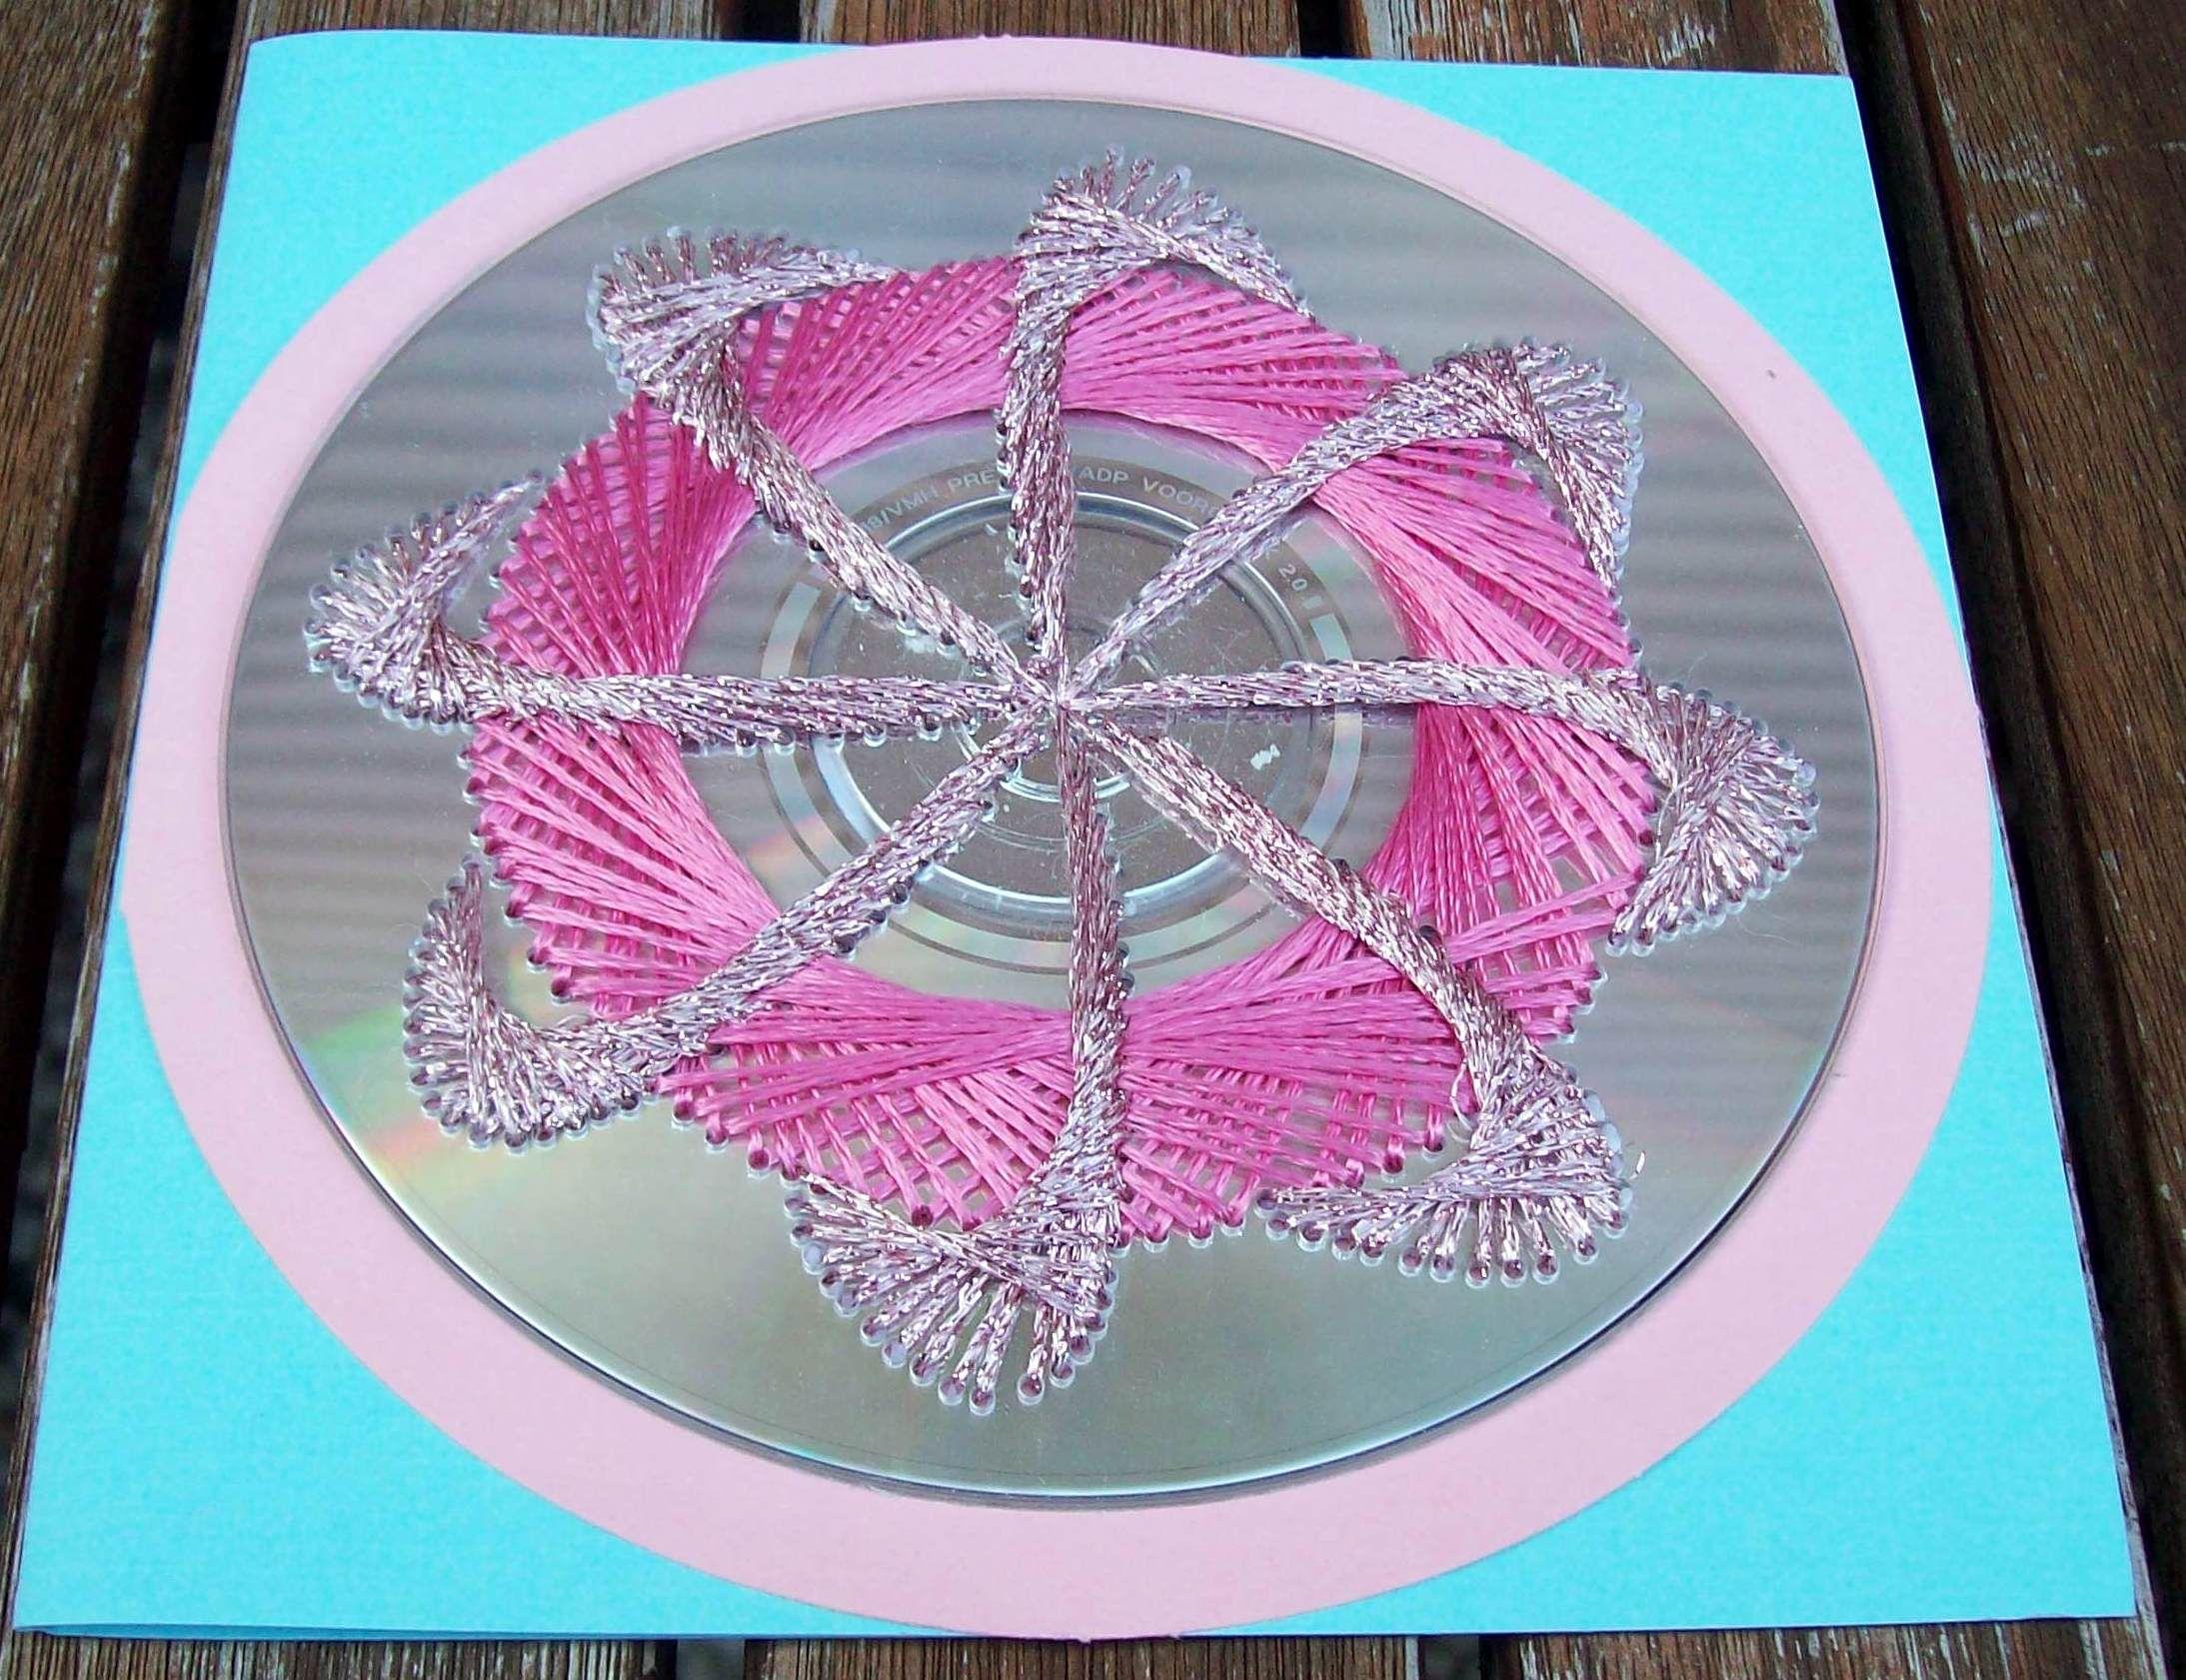 De roze planeet,patroon van heesakkers geborduurd met madeira glans garen.